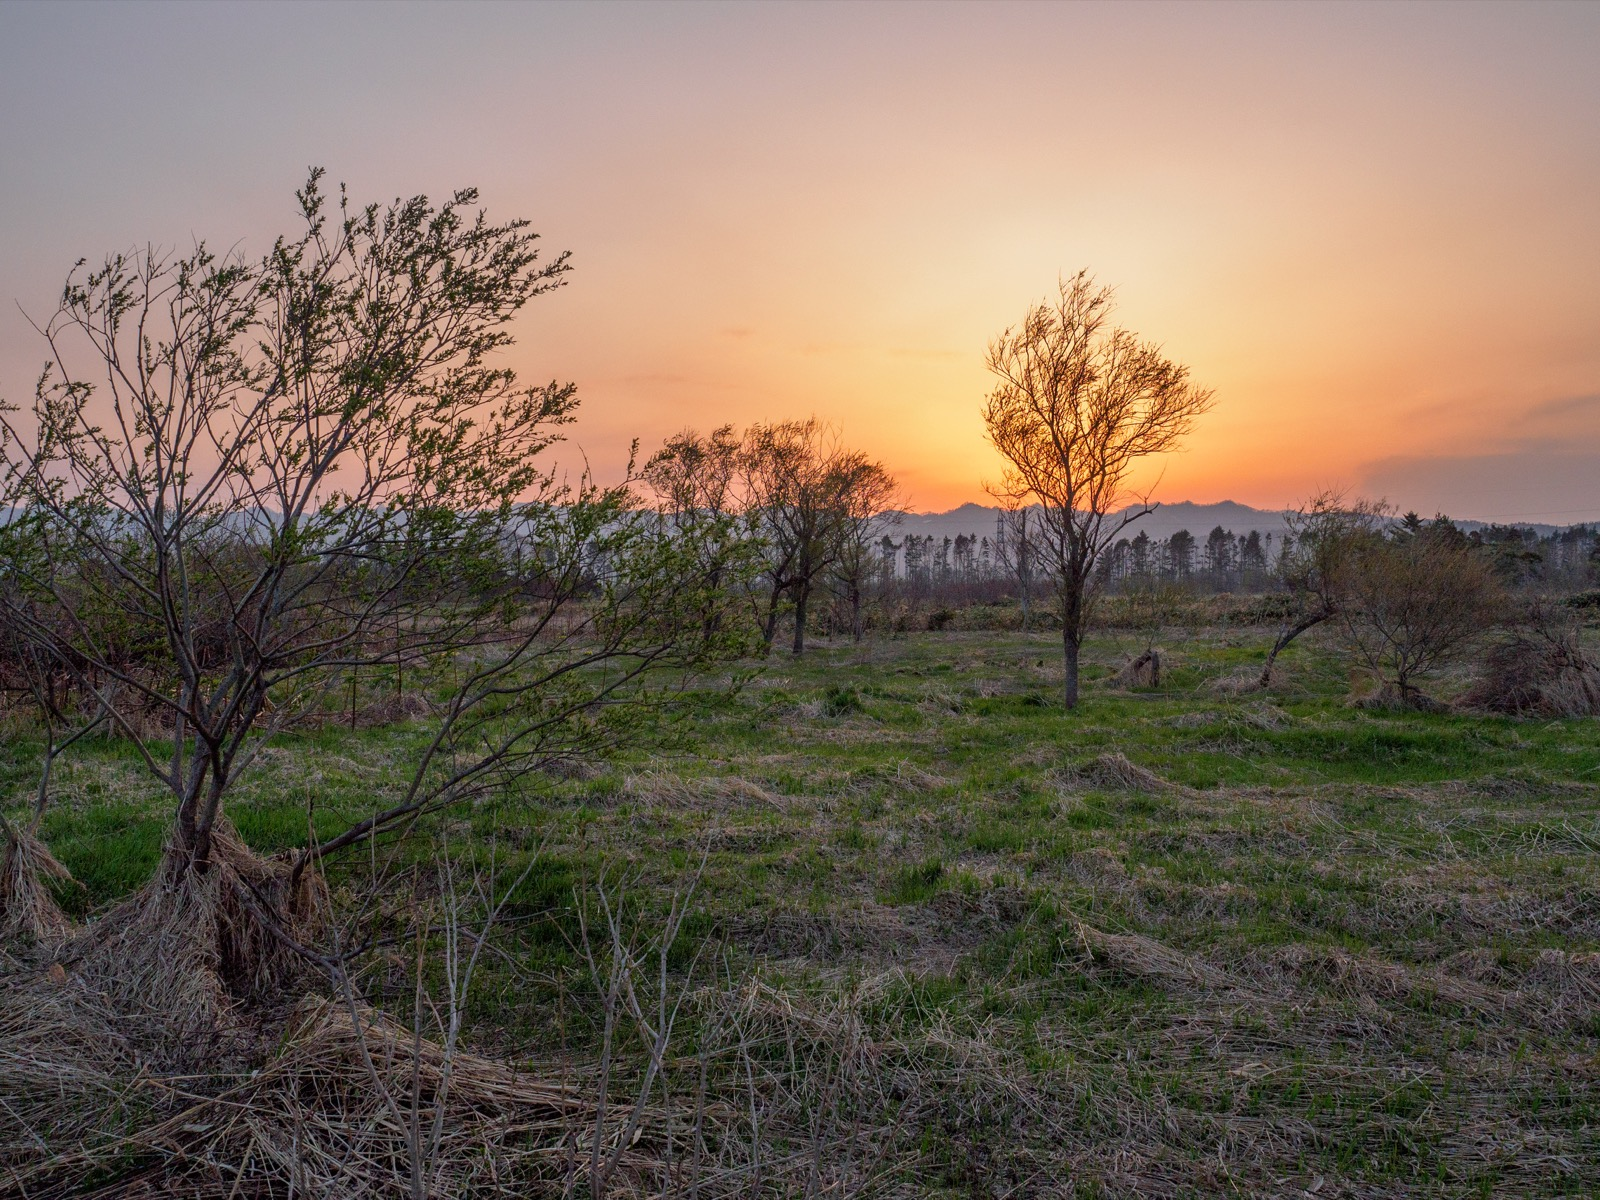 山崎駅前の国道5号線から見た夕暮れの平原